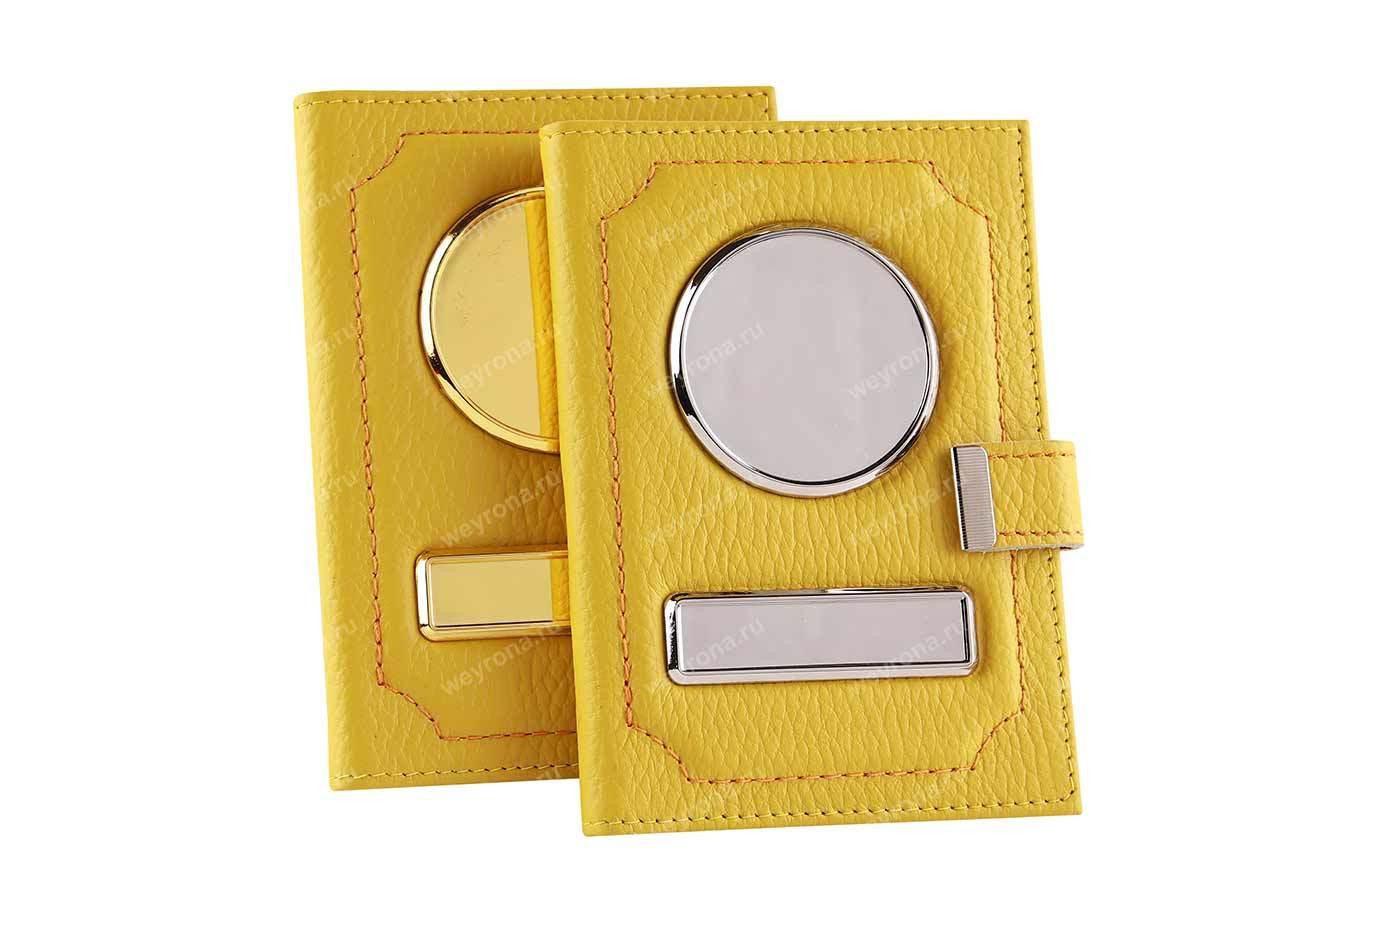 Обложка гос номер с заклепкой 2 в 1 флотер желтая